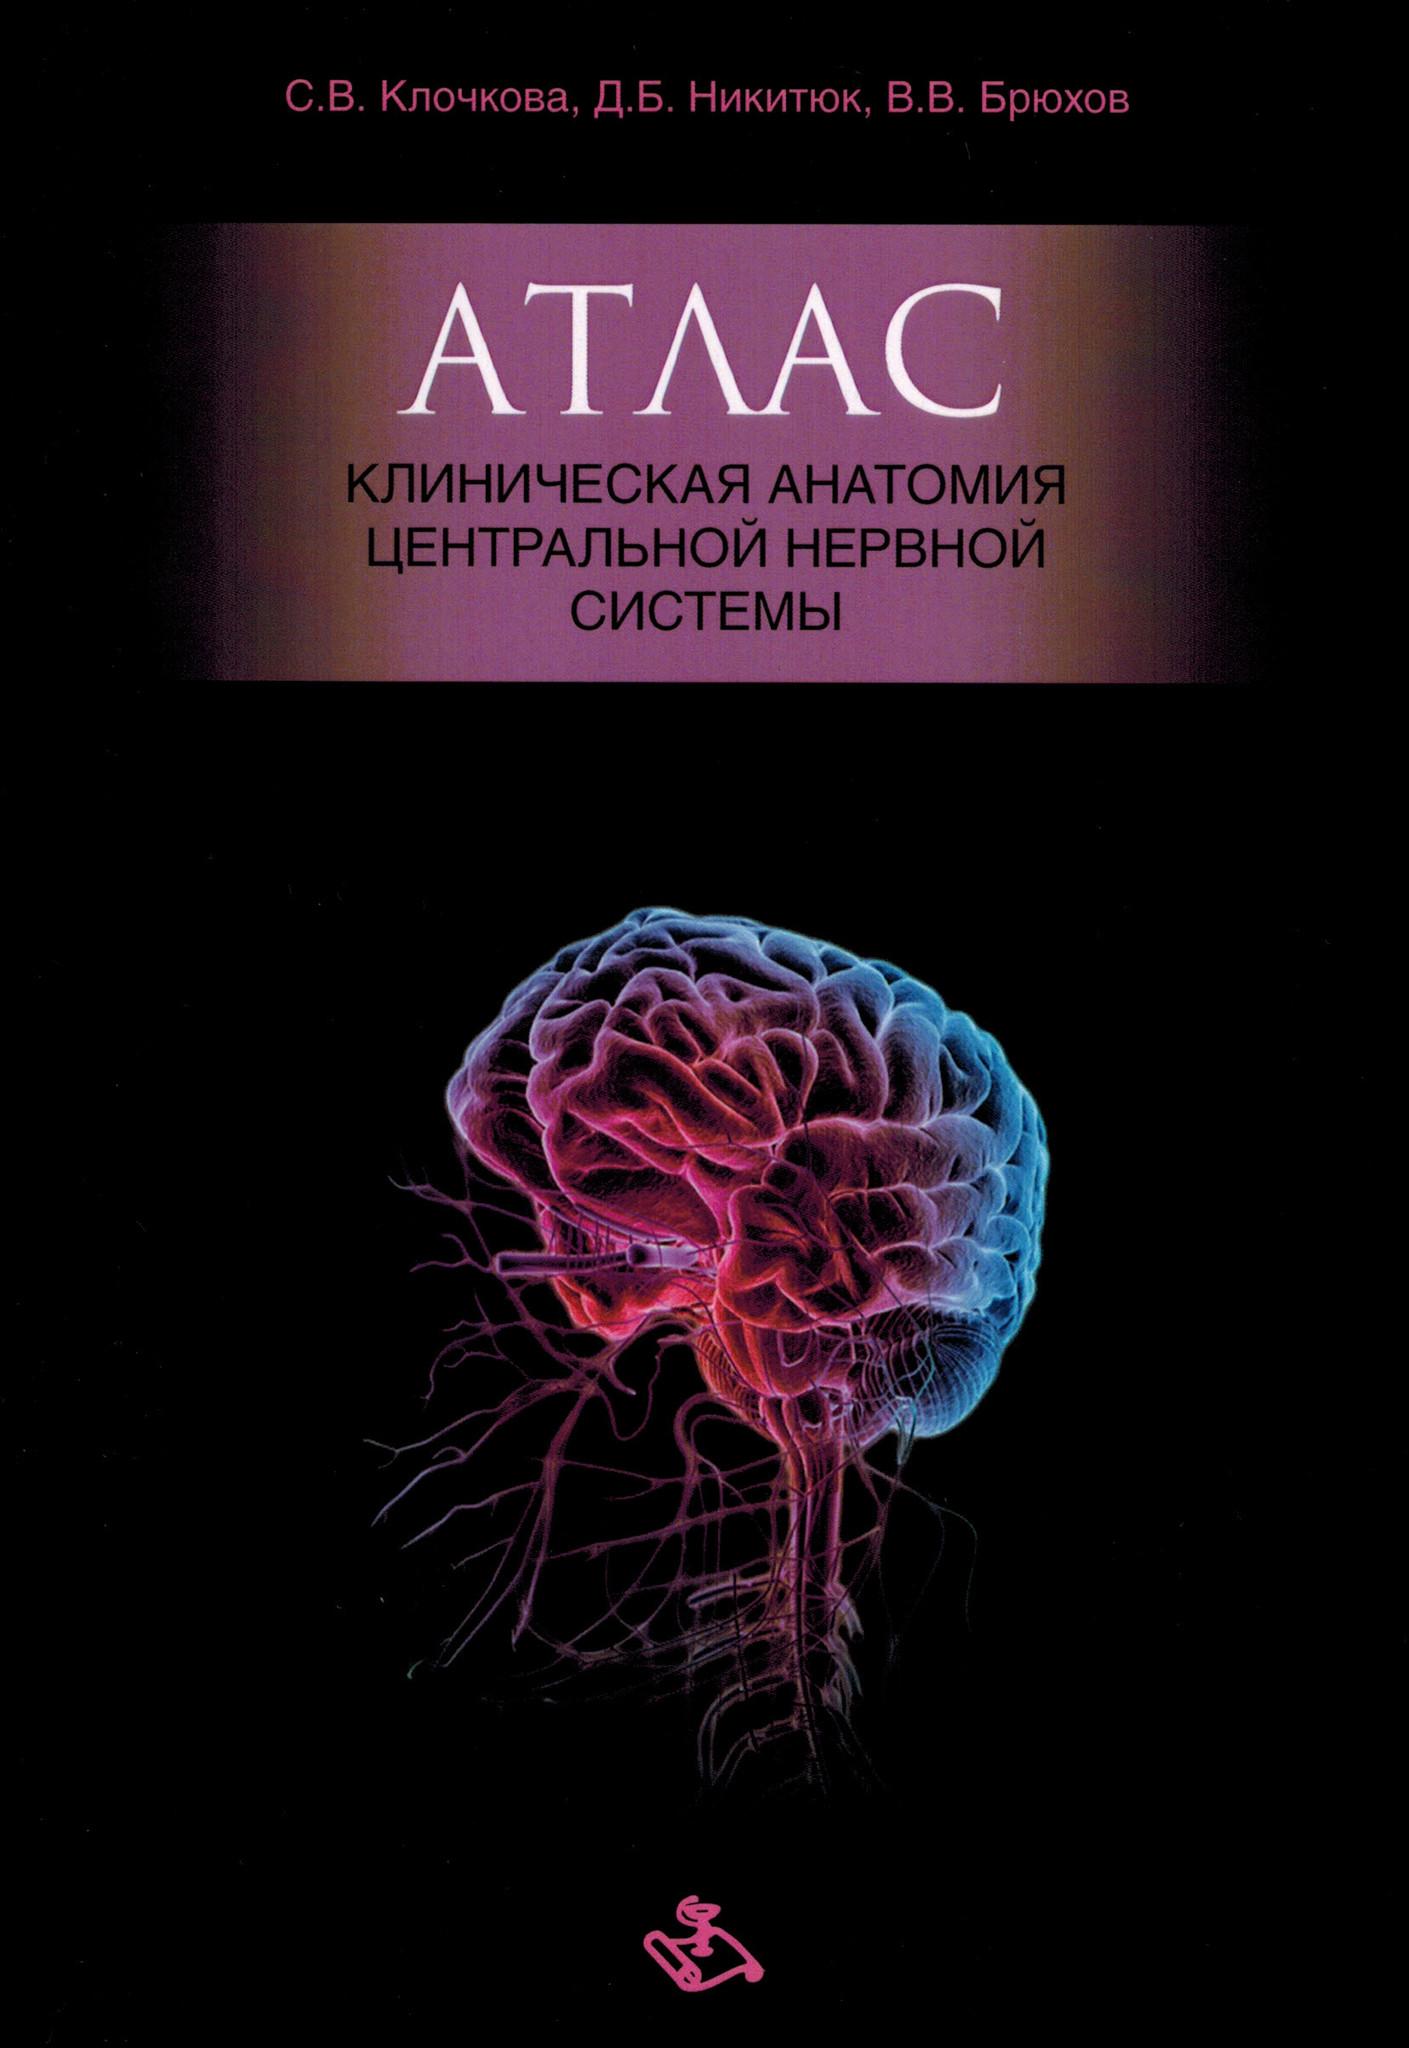 Каталог Атлас. Клиническая анатомия центральной нервной системы kacns.jpg